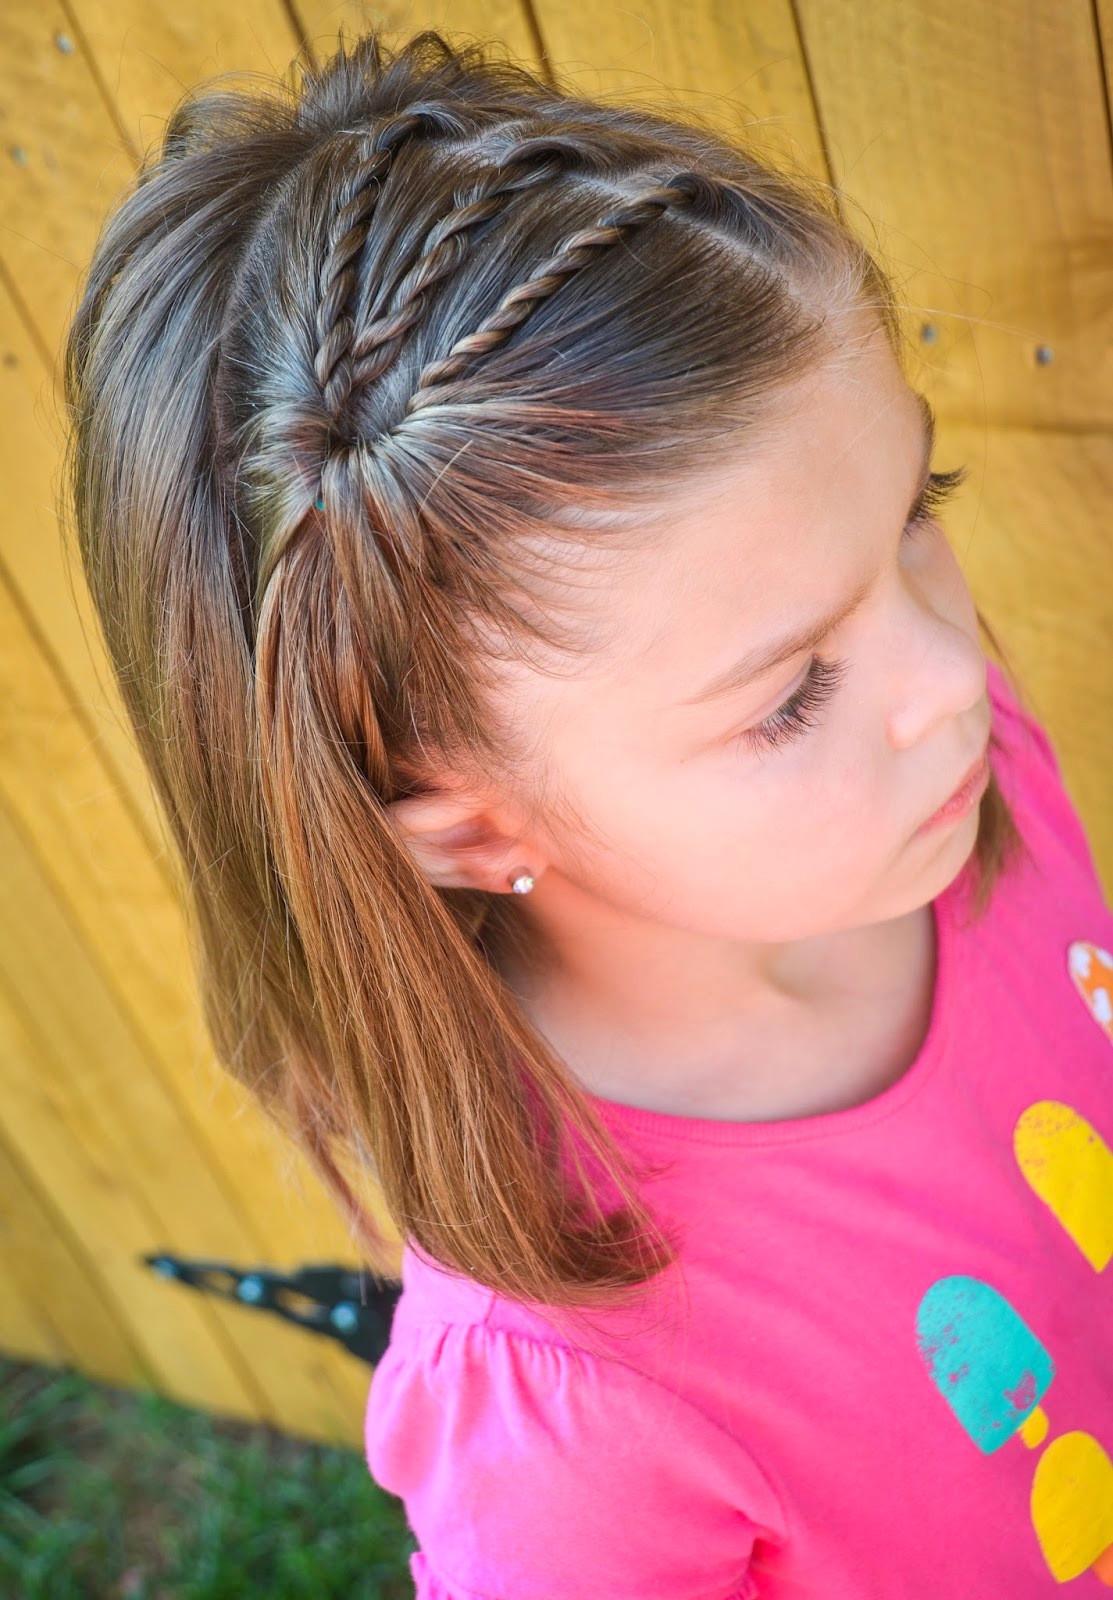 Little Girl Hairstyles For Short Hair Pinterest  25 Little Girl Hairstyles you can do YOURSELF